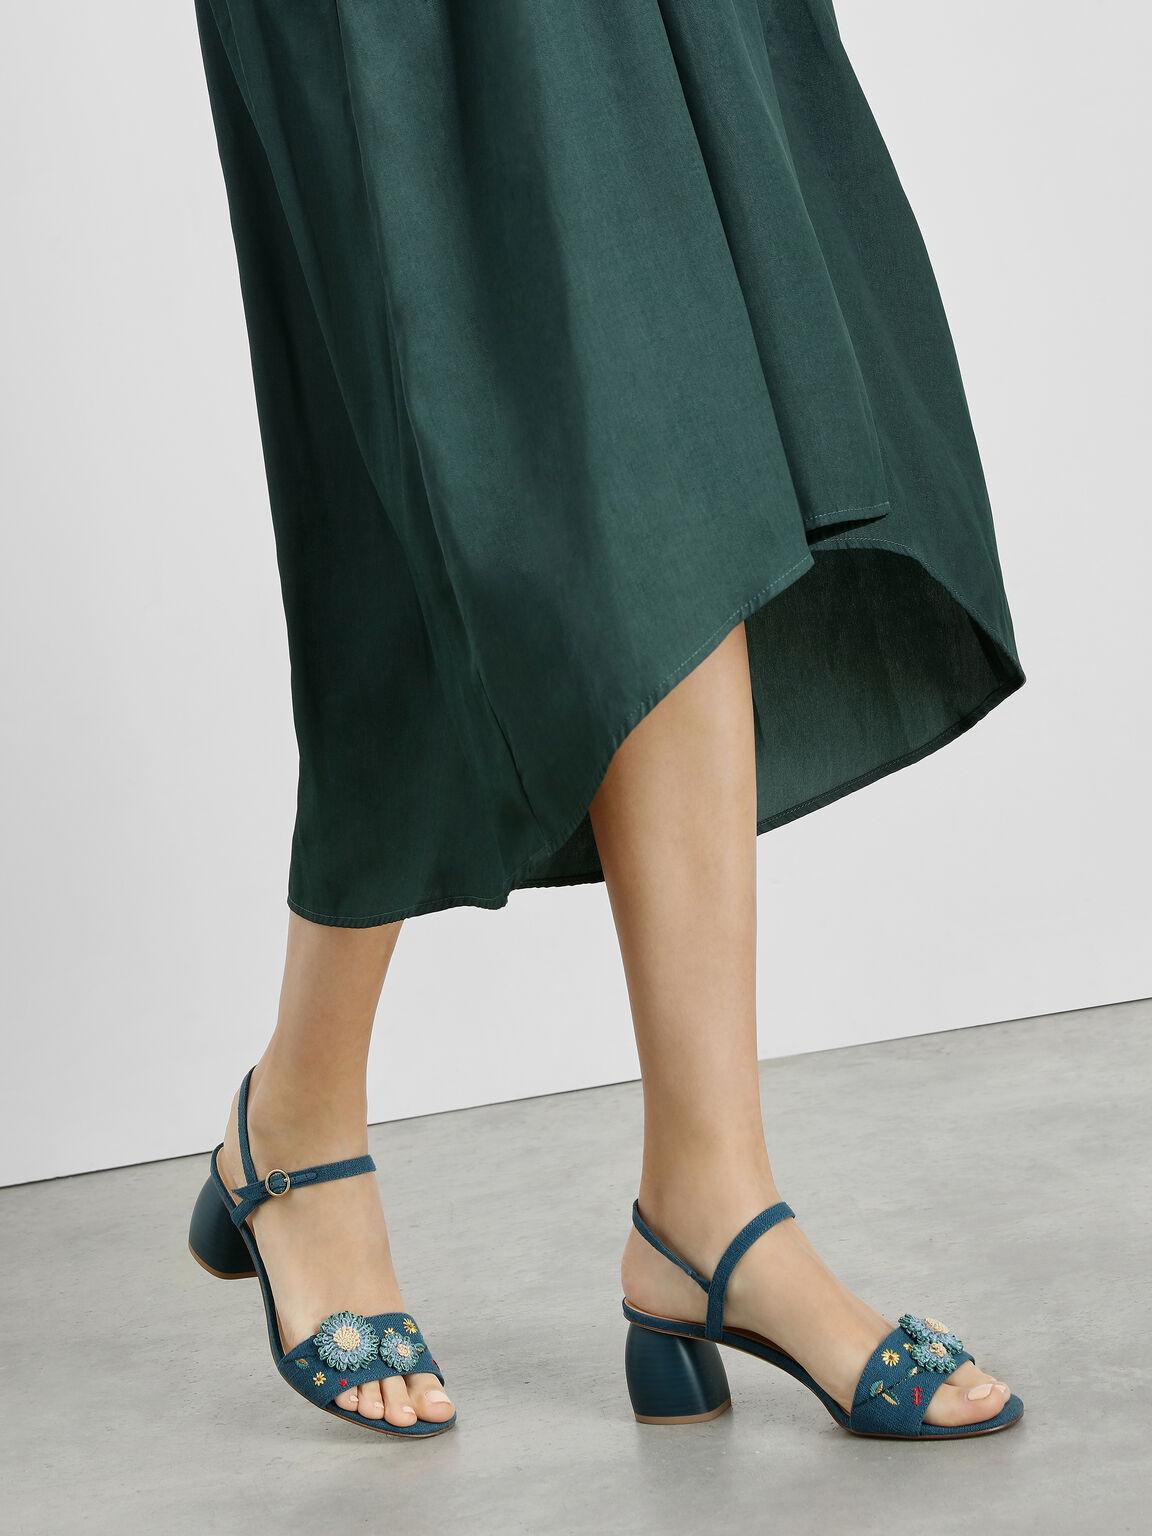 Open Toe Floral Sandals, Green, hi-res